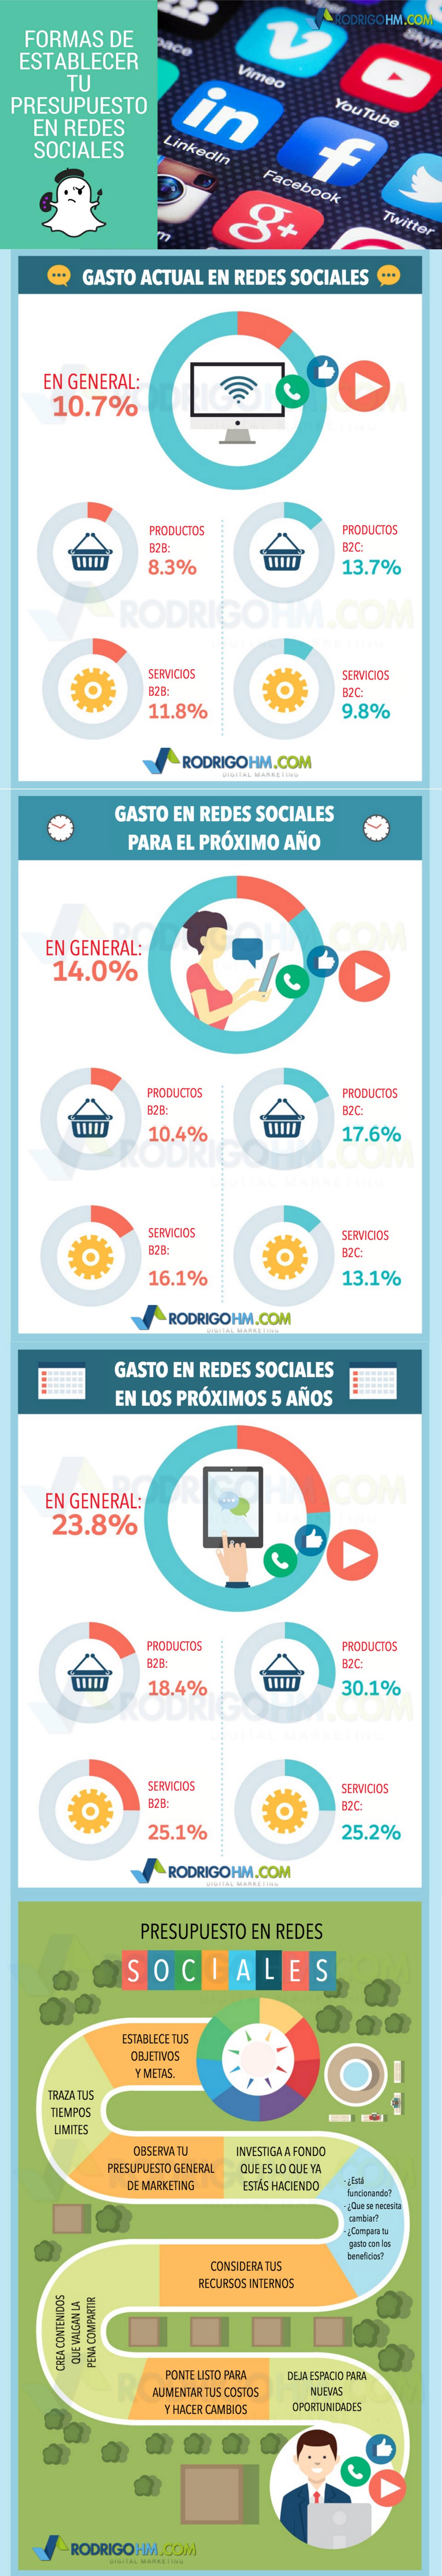 Formas de establecer tu presupuesto en Redes Sociales #infografia #infographic #socialmedia